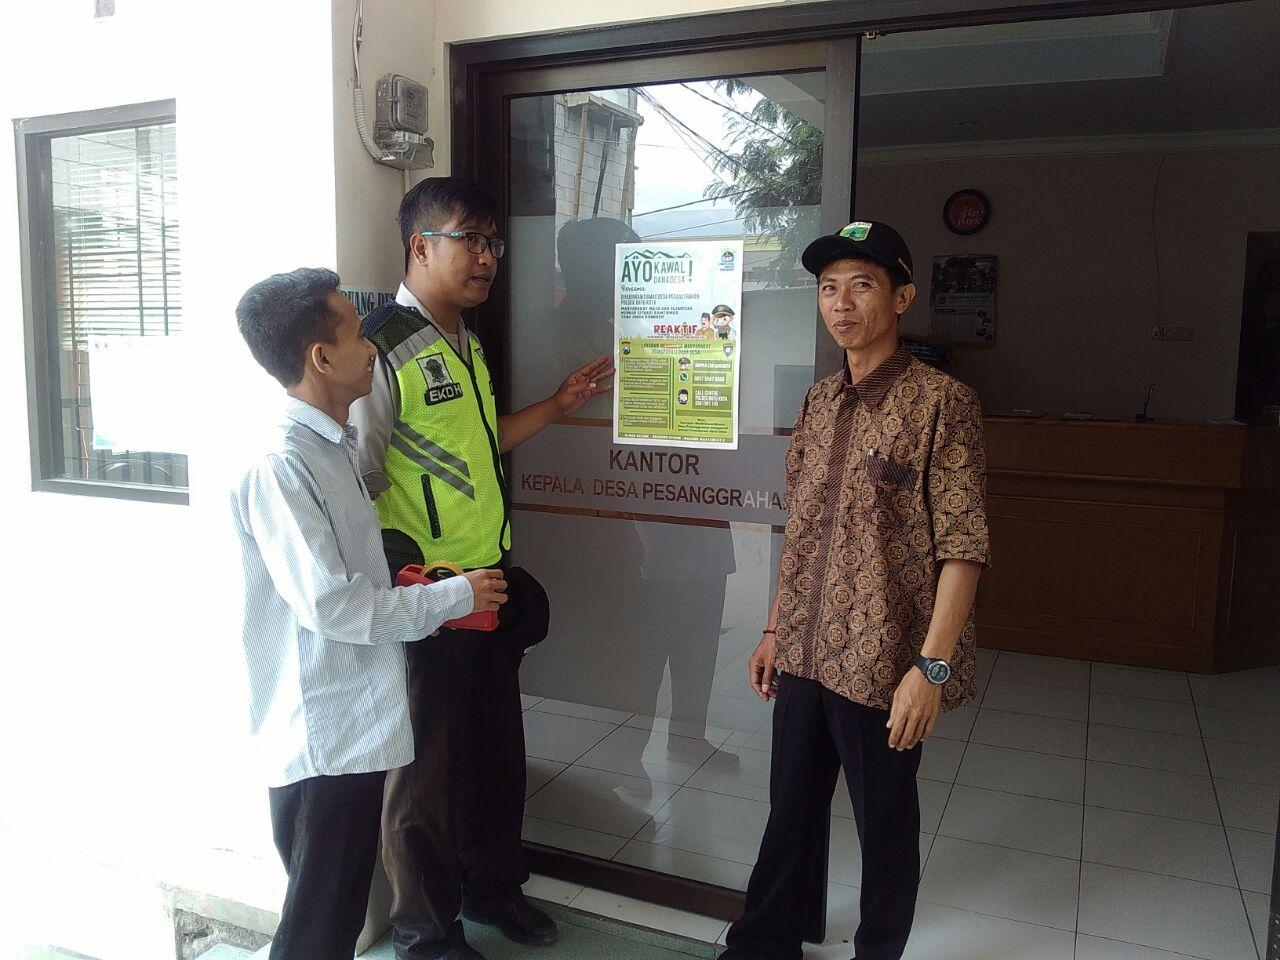 Juga Kunjung, Polsek Batu Kota Polres Batu Buka Call Center Pelayanan Informatif di Desanya